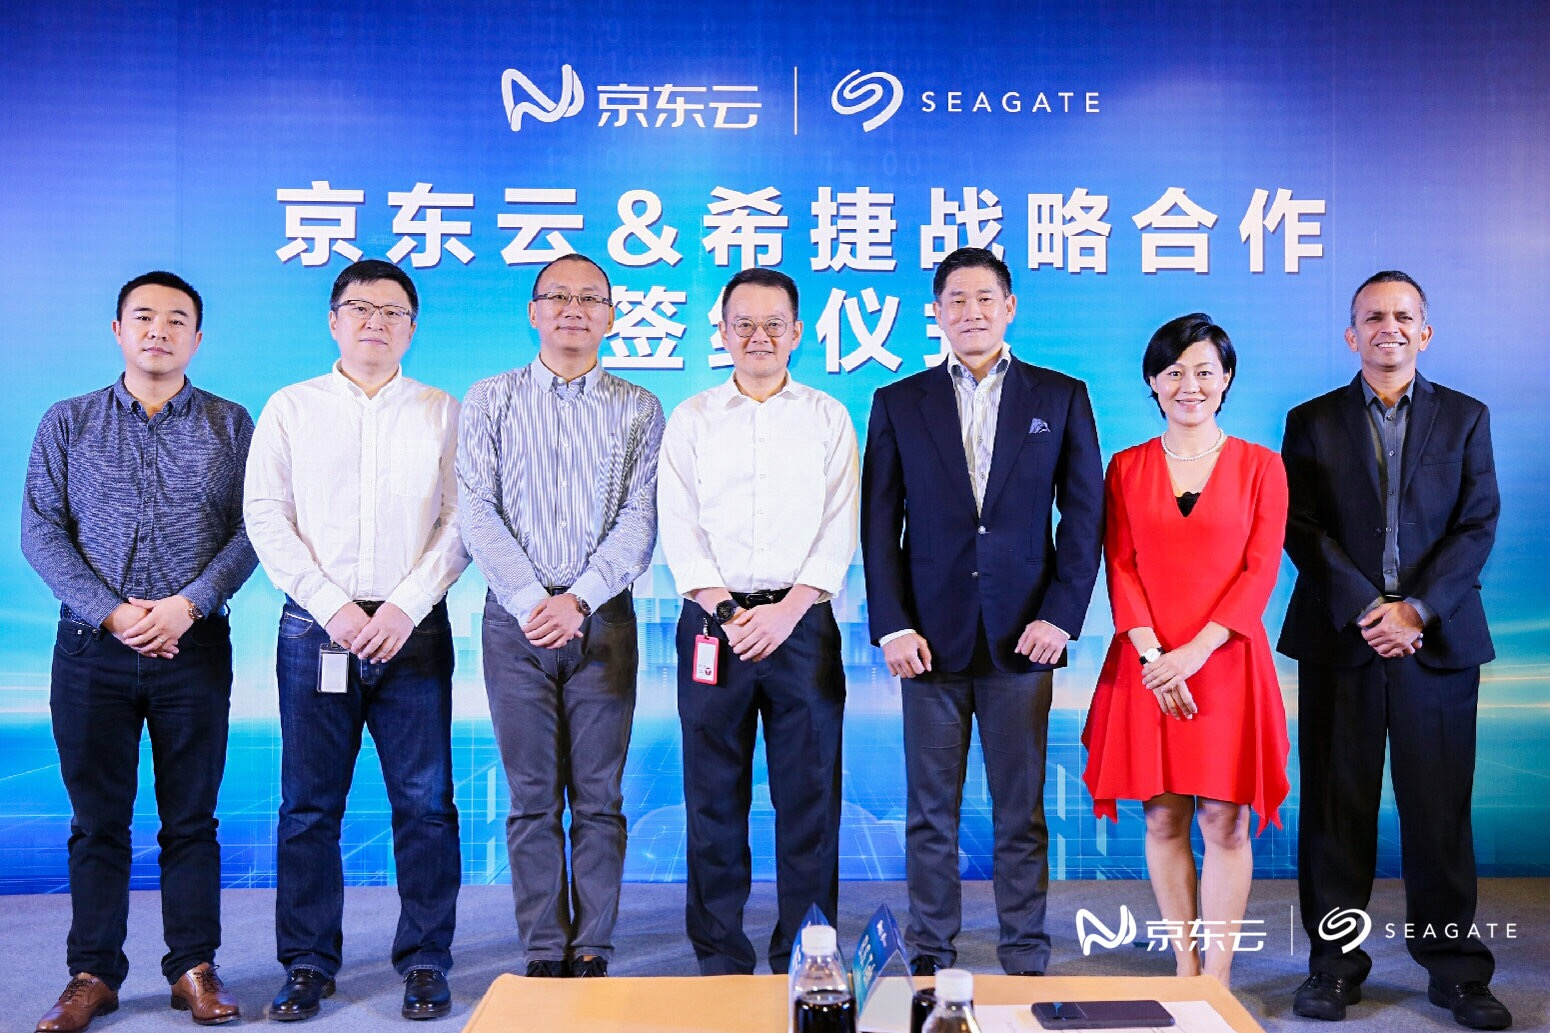 希捷将在云计算、存储技术、电商等领域与京东云开展广泛而深入的合作